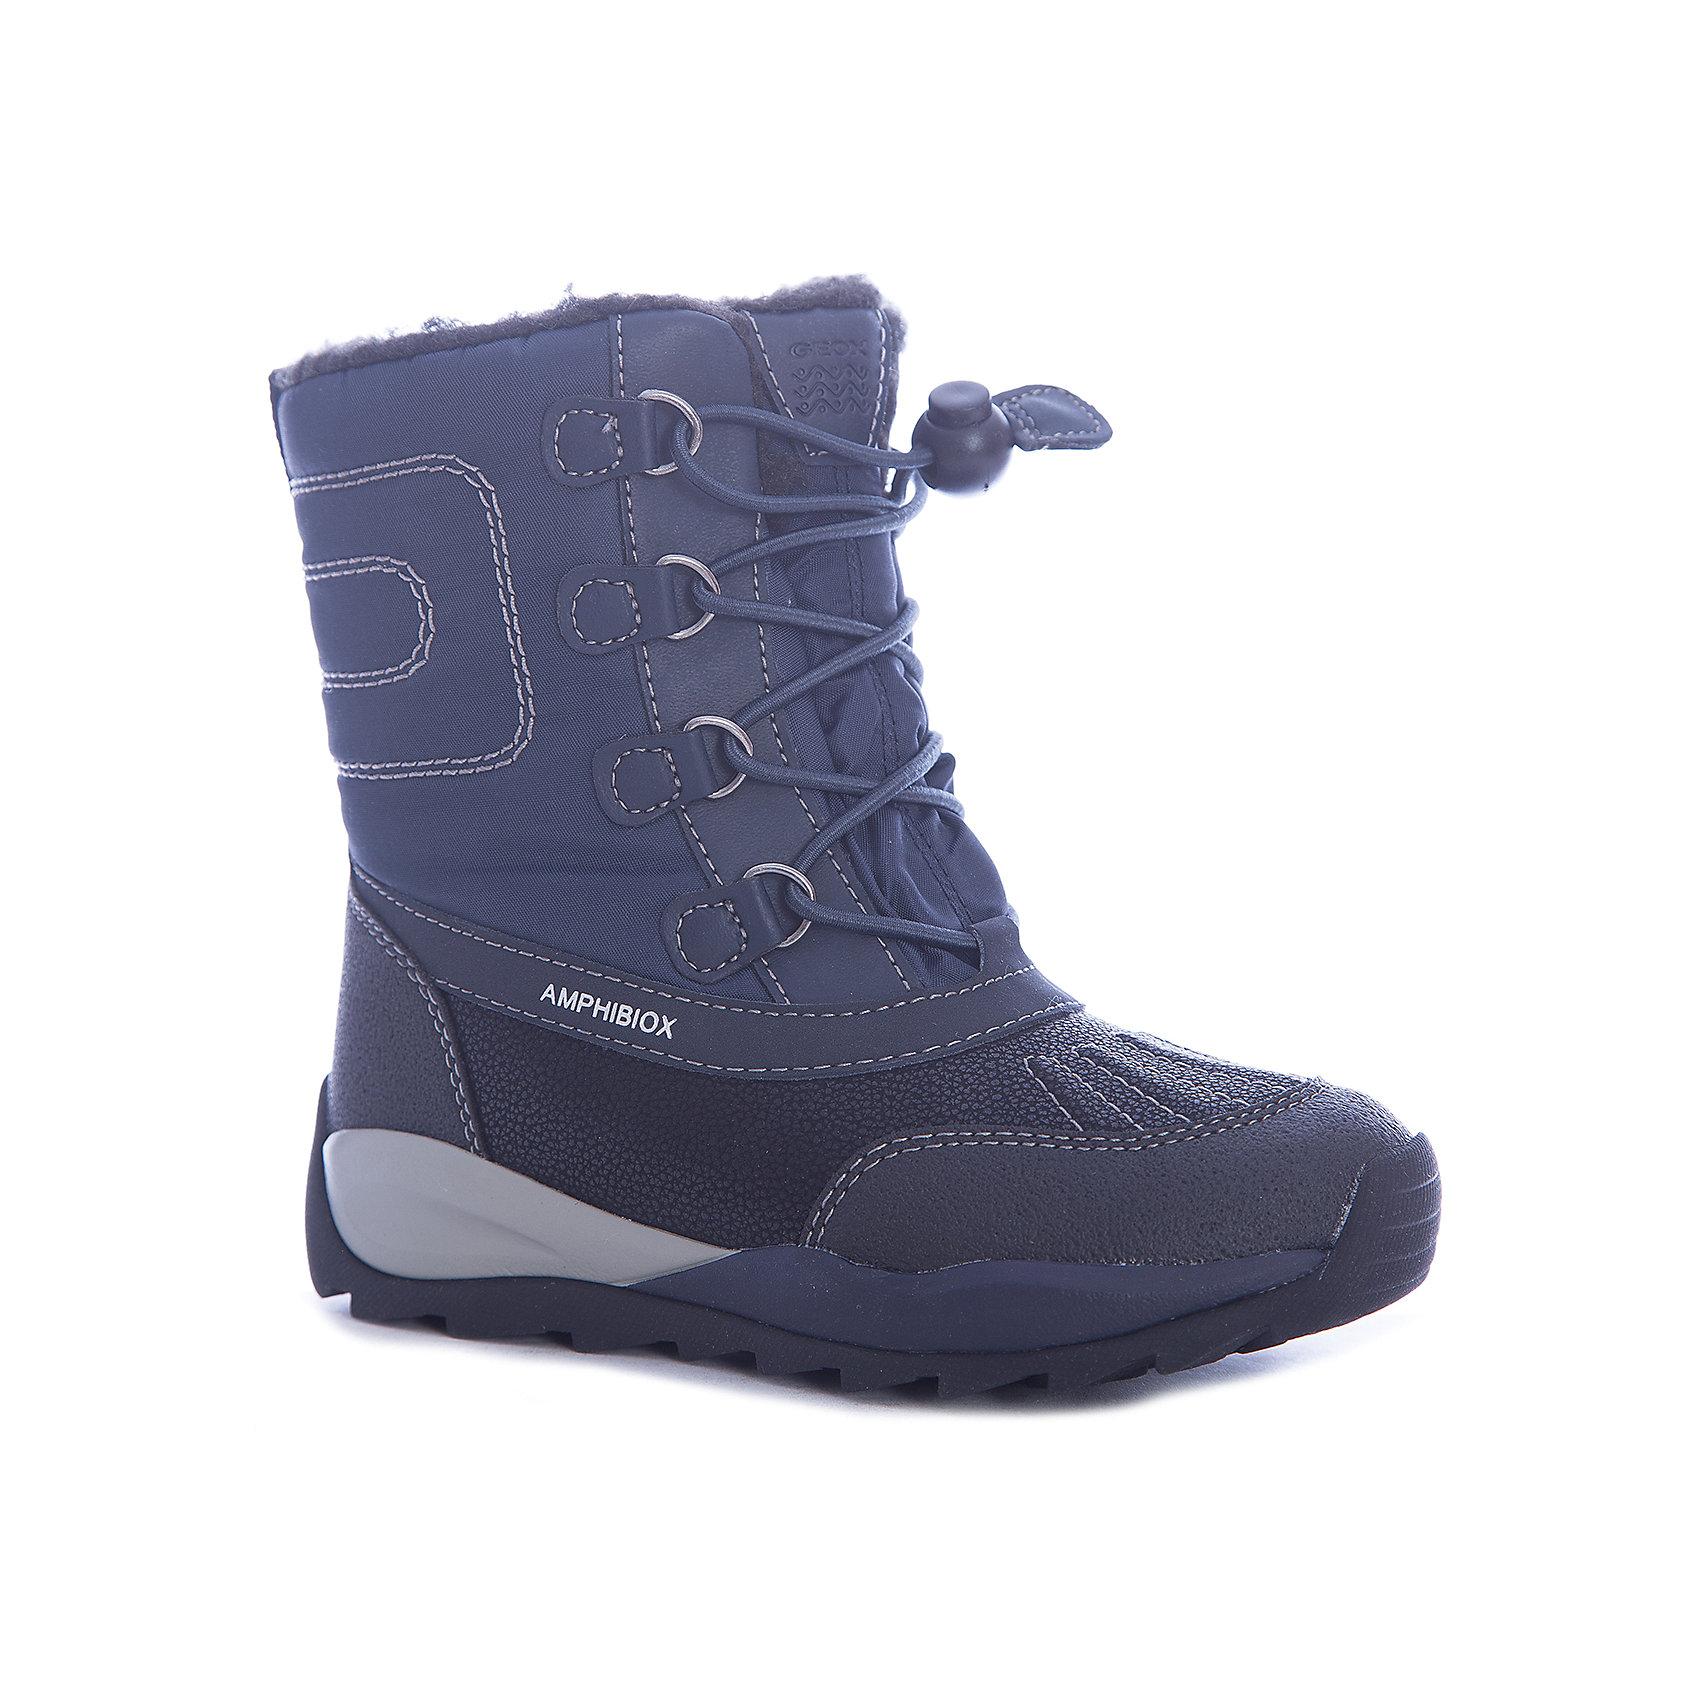 Сноубутсы для мальчика GeoxСапоги<br>Полусапоги GEOX (ГЕОКС)<br>Полусапоги от GEOX (ГЕОКС), выполненные из искусственной кожи и прочного текстиля, идеально подходят для холодной погоды. Плотная мягкая подкладка из искусственного меха согревает чувствительные детские ноги. Текстильная стелька улучшает тепловое сопротивление в холодных условиях, повышая температуру внутри обуви. Влага не застаивается в обуви, благодаря чему создается идеальный микроклимат, который держит ноги теплыми и сухими, и позволяет им дышать естественно. Колодка соответствует анатомическим особенностям строения детской стопы. Качественная амортизация снижает нагрузку на суставы. Запатентованная гибкая перфорированная подошва со специальной микропористой мембраной обеспечивает естественное дыхание обуви, не пропускает воду, не скользит. Модель имеет усиленный мыс и функциональную шнуровку.<br><br>Дополнительная информация:<br><br>- Сезон: зима<br>- Цвет: черный, синий<br>- Материал верха: искусственная кожа, текстиль<br>- Внутренний материал: искусственный мех<br>- Материал стельки: текстиль<br>- Материал подошвы: резина<br>- Тип застежки: шнуровка<br>- Высота голенища/задника: 13,5 см.<br>- Технология Amphibiox<br>- Материалы и продукция прошли специальную проверку T?V S?D, на отсутствие веществ, опасных для здоровья покупателей<br><br>Полусапоги GEOX (ГЕОКС) можно купить в нашем интернет-магазине.<br><br>Ширина мм: 257<br>Глубина мм: 180<br>Высота мм: 130<br>Вес г: 420<br>Цвет: черный<br>Возраст от месяцев: 36<br>Возраст до месяцев: 48<br>Пол: Мужской<br>Возраст: Детский<br>Размер: 27,34,28,29,30,31,32,33<br>SKU: 4968259